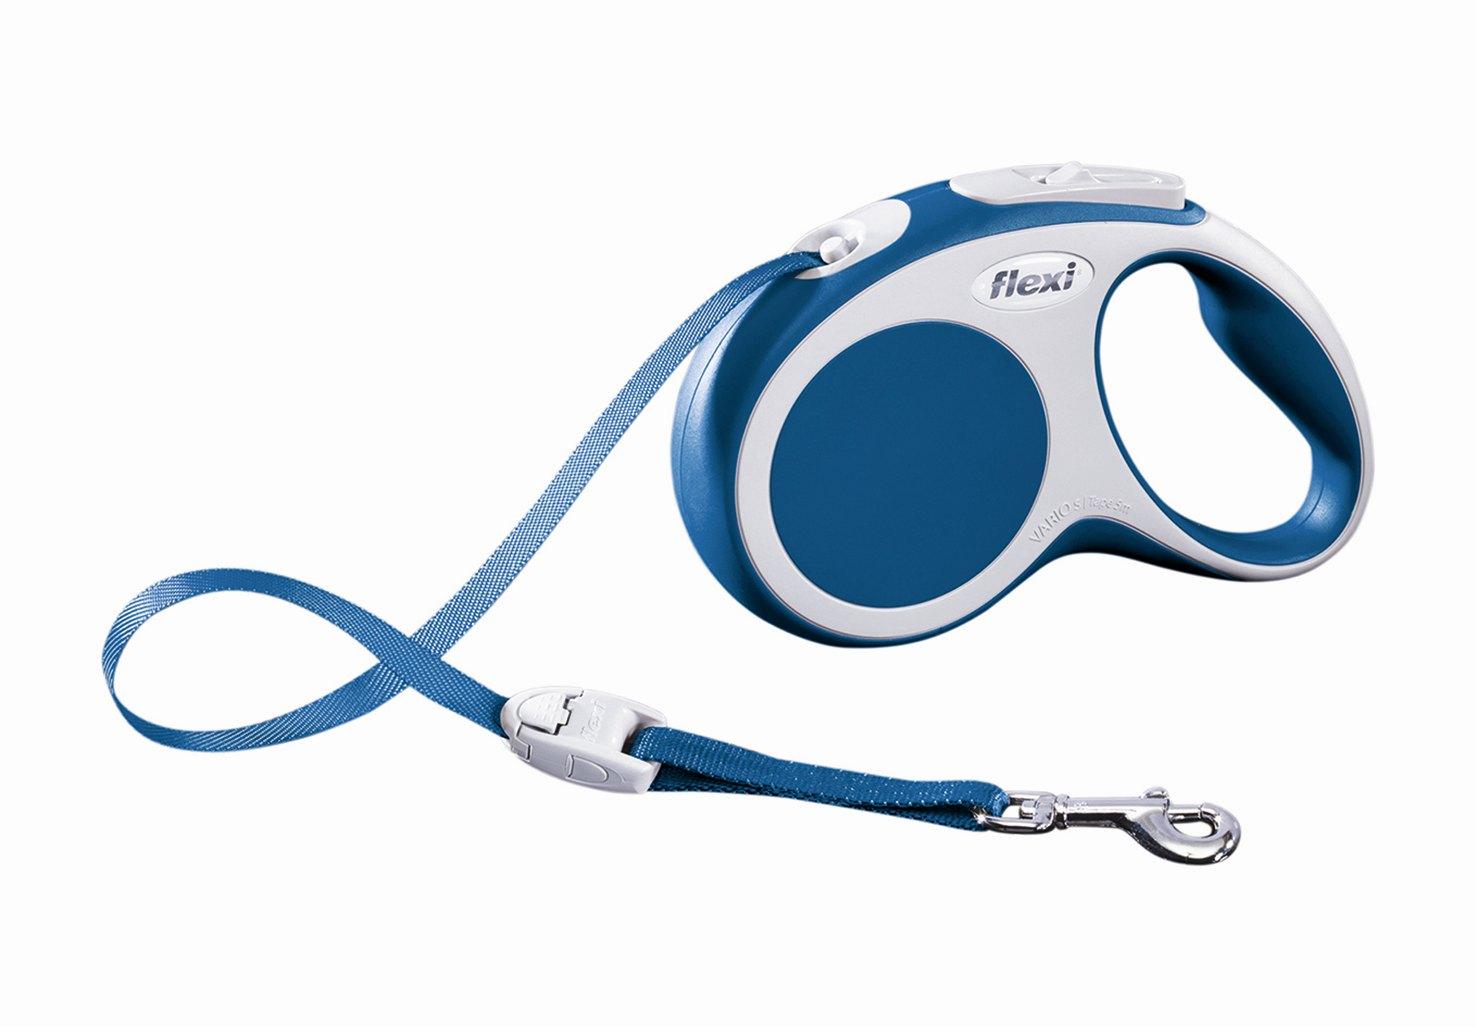 Поводок-рулетка Flexi Vario Compact S для собак до 15 кг, цвет: синий, 5 м поводки triol поводок рулетка